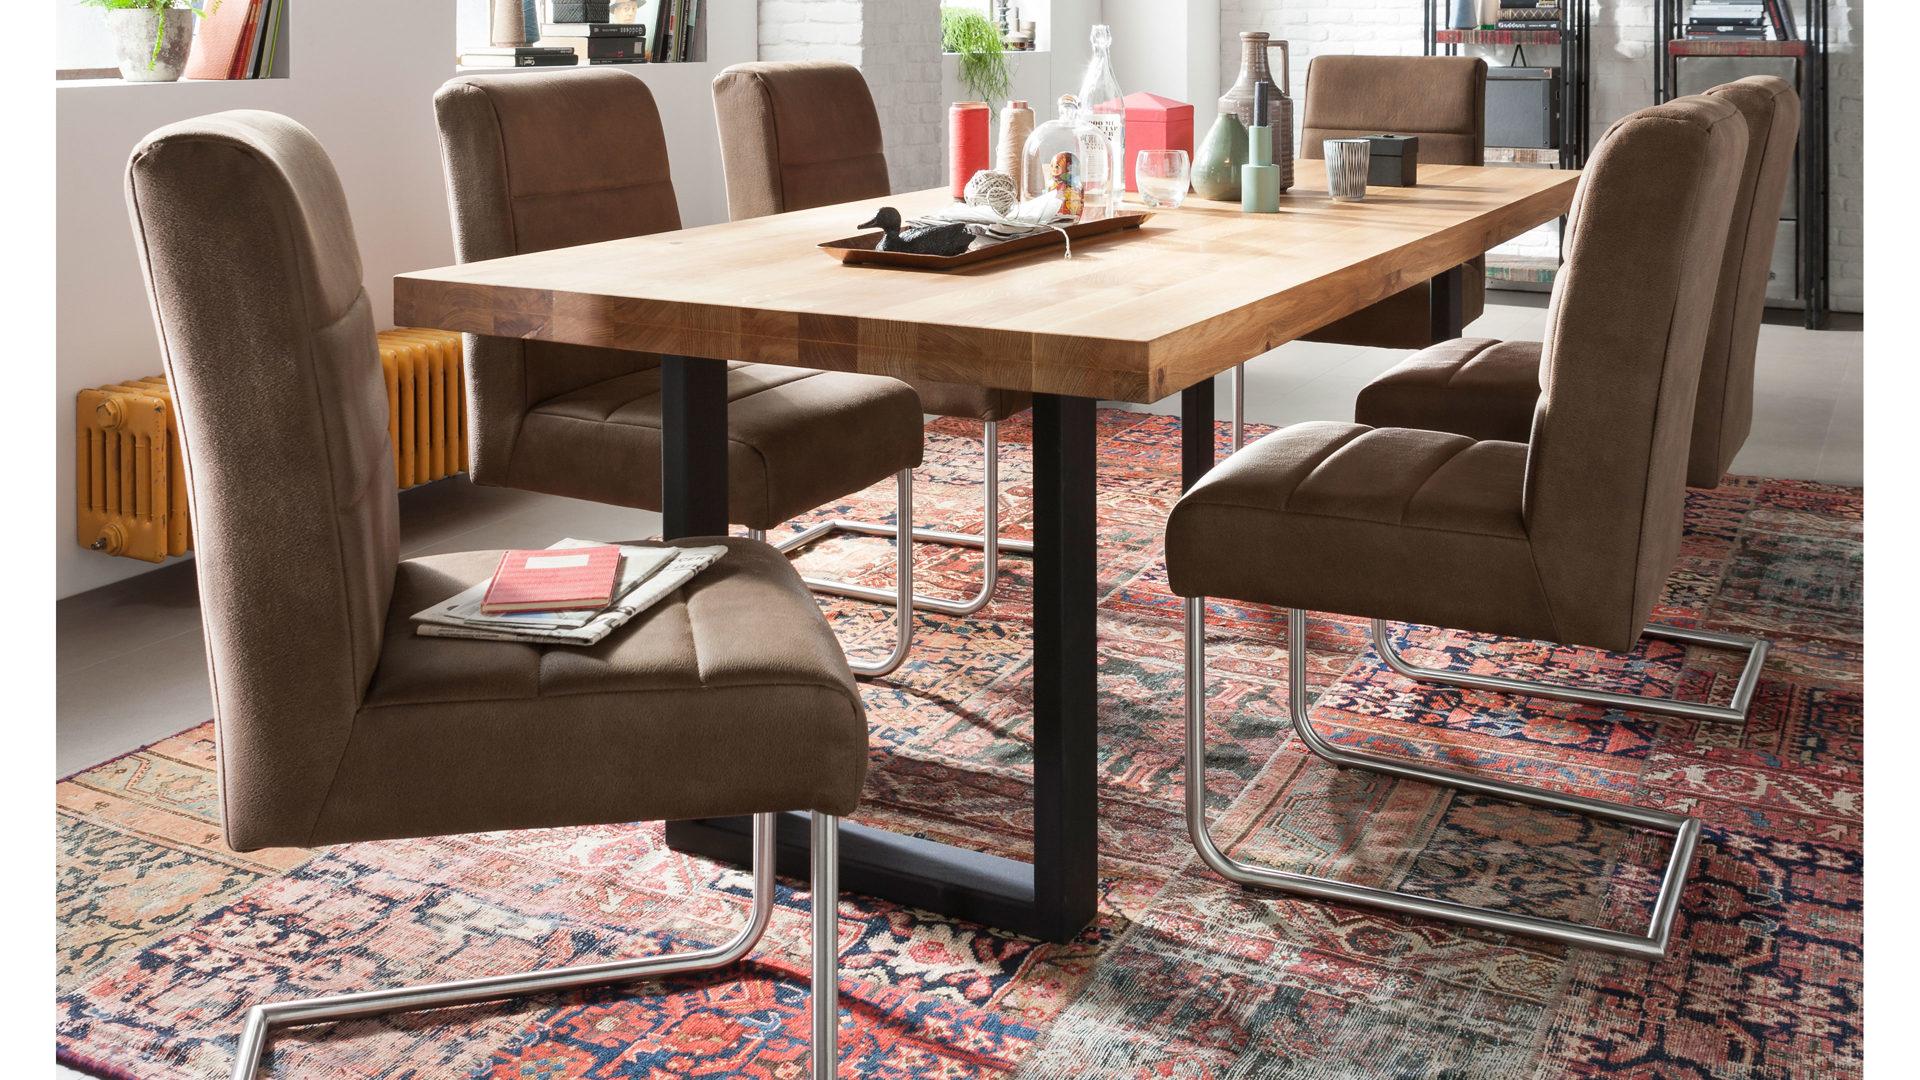 Möbel Frauendorfer Amberg Markenshops Tische Stühle Esstisch